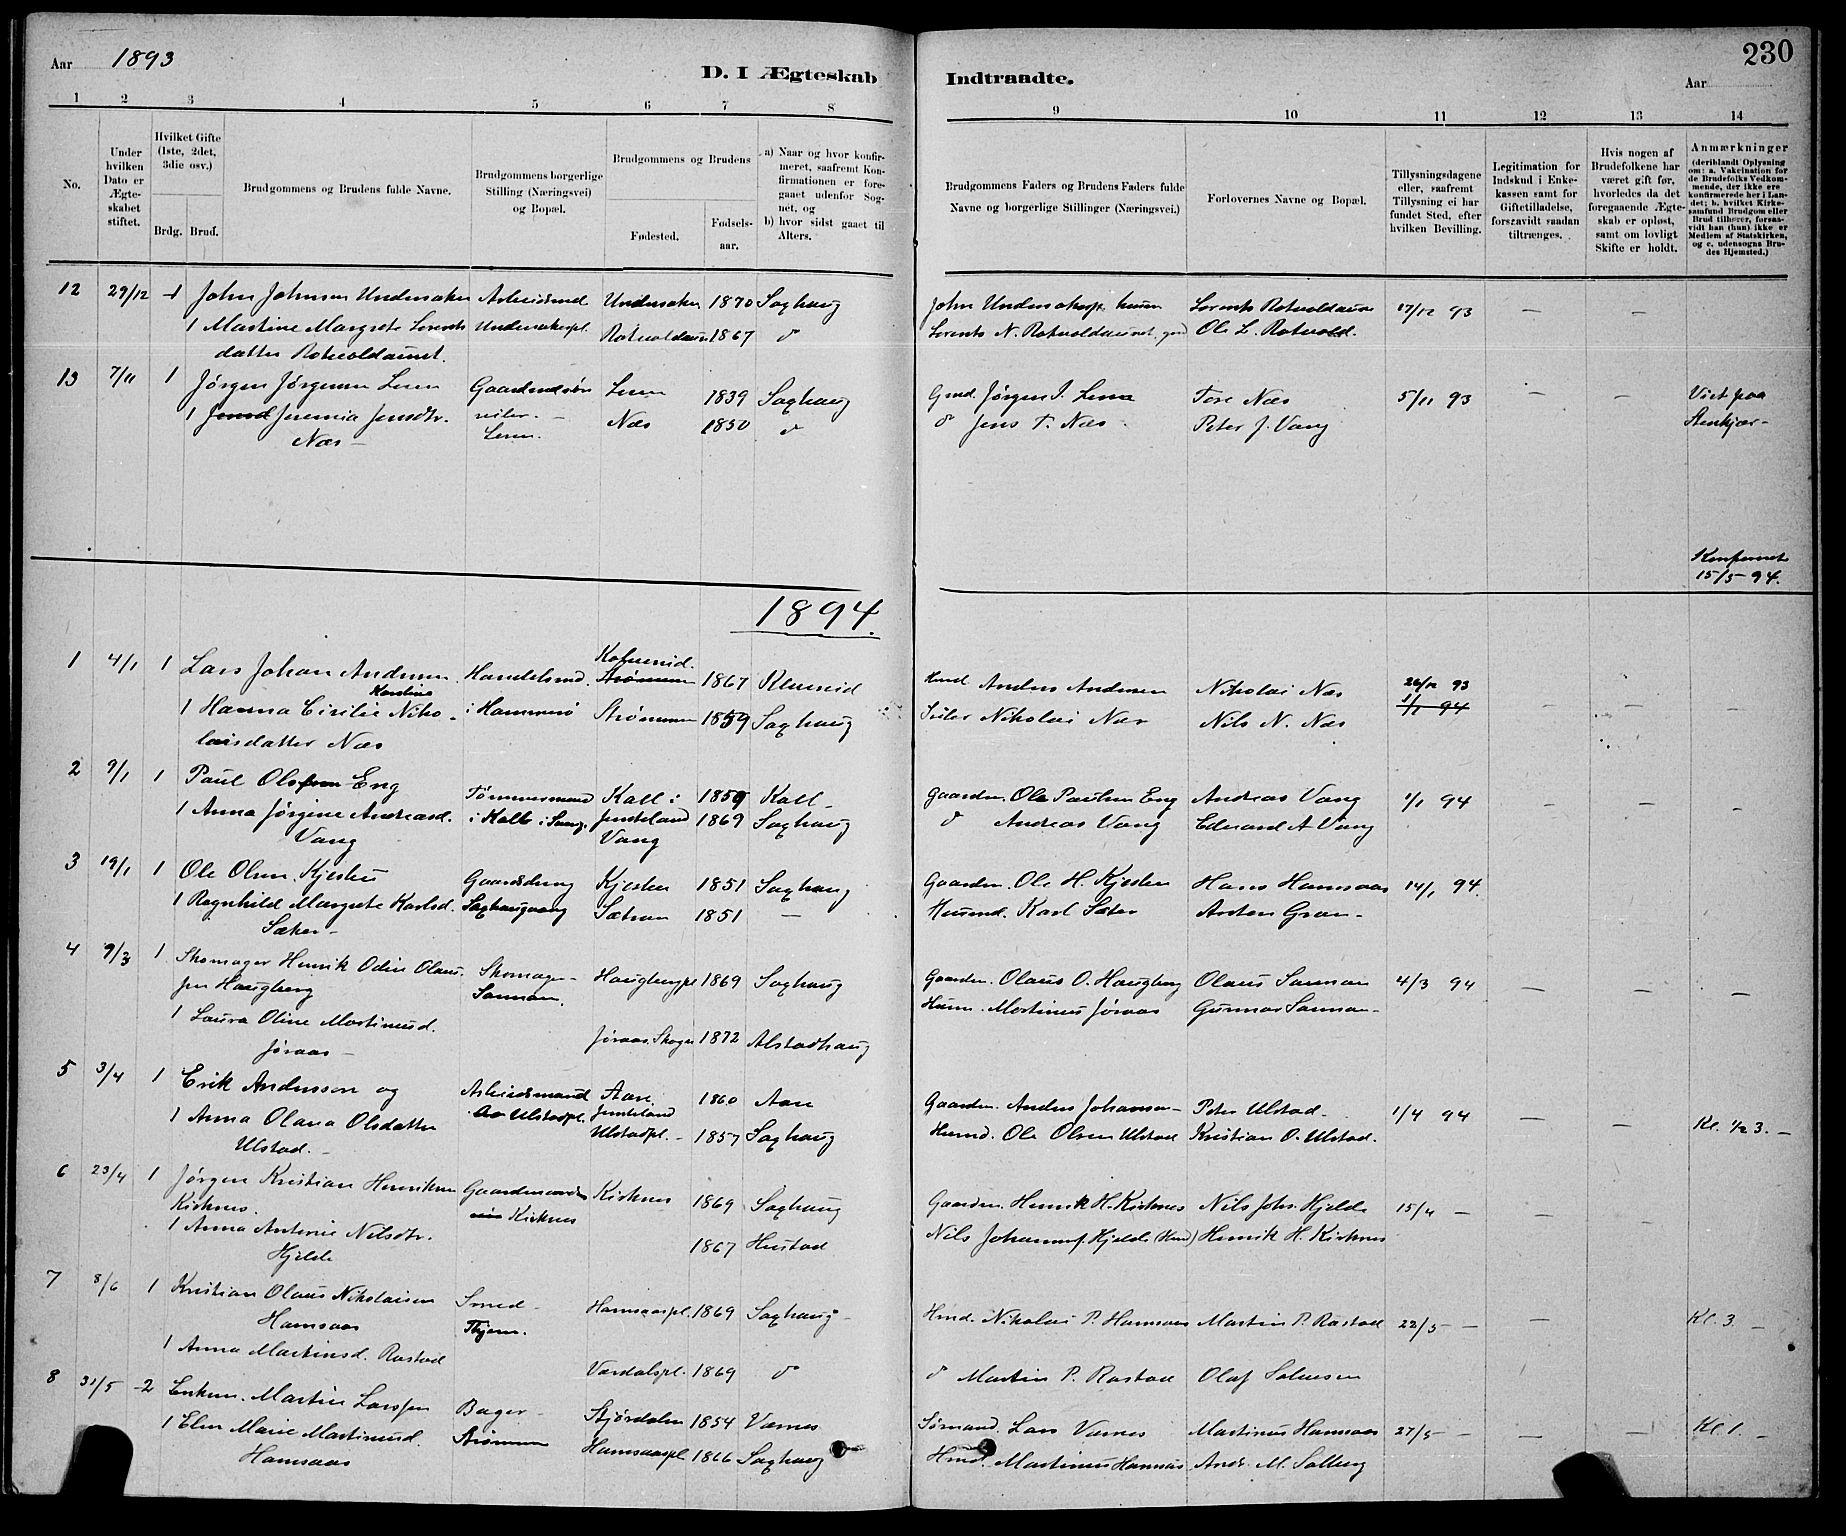 SAT, Ministerialprotokoller, klokkerbøker og fødselsregistre - Nord-Trøndelag, 730/L0301: Klokkerbok nr. 730C04, 1880-1897, s. 230